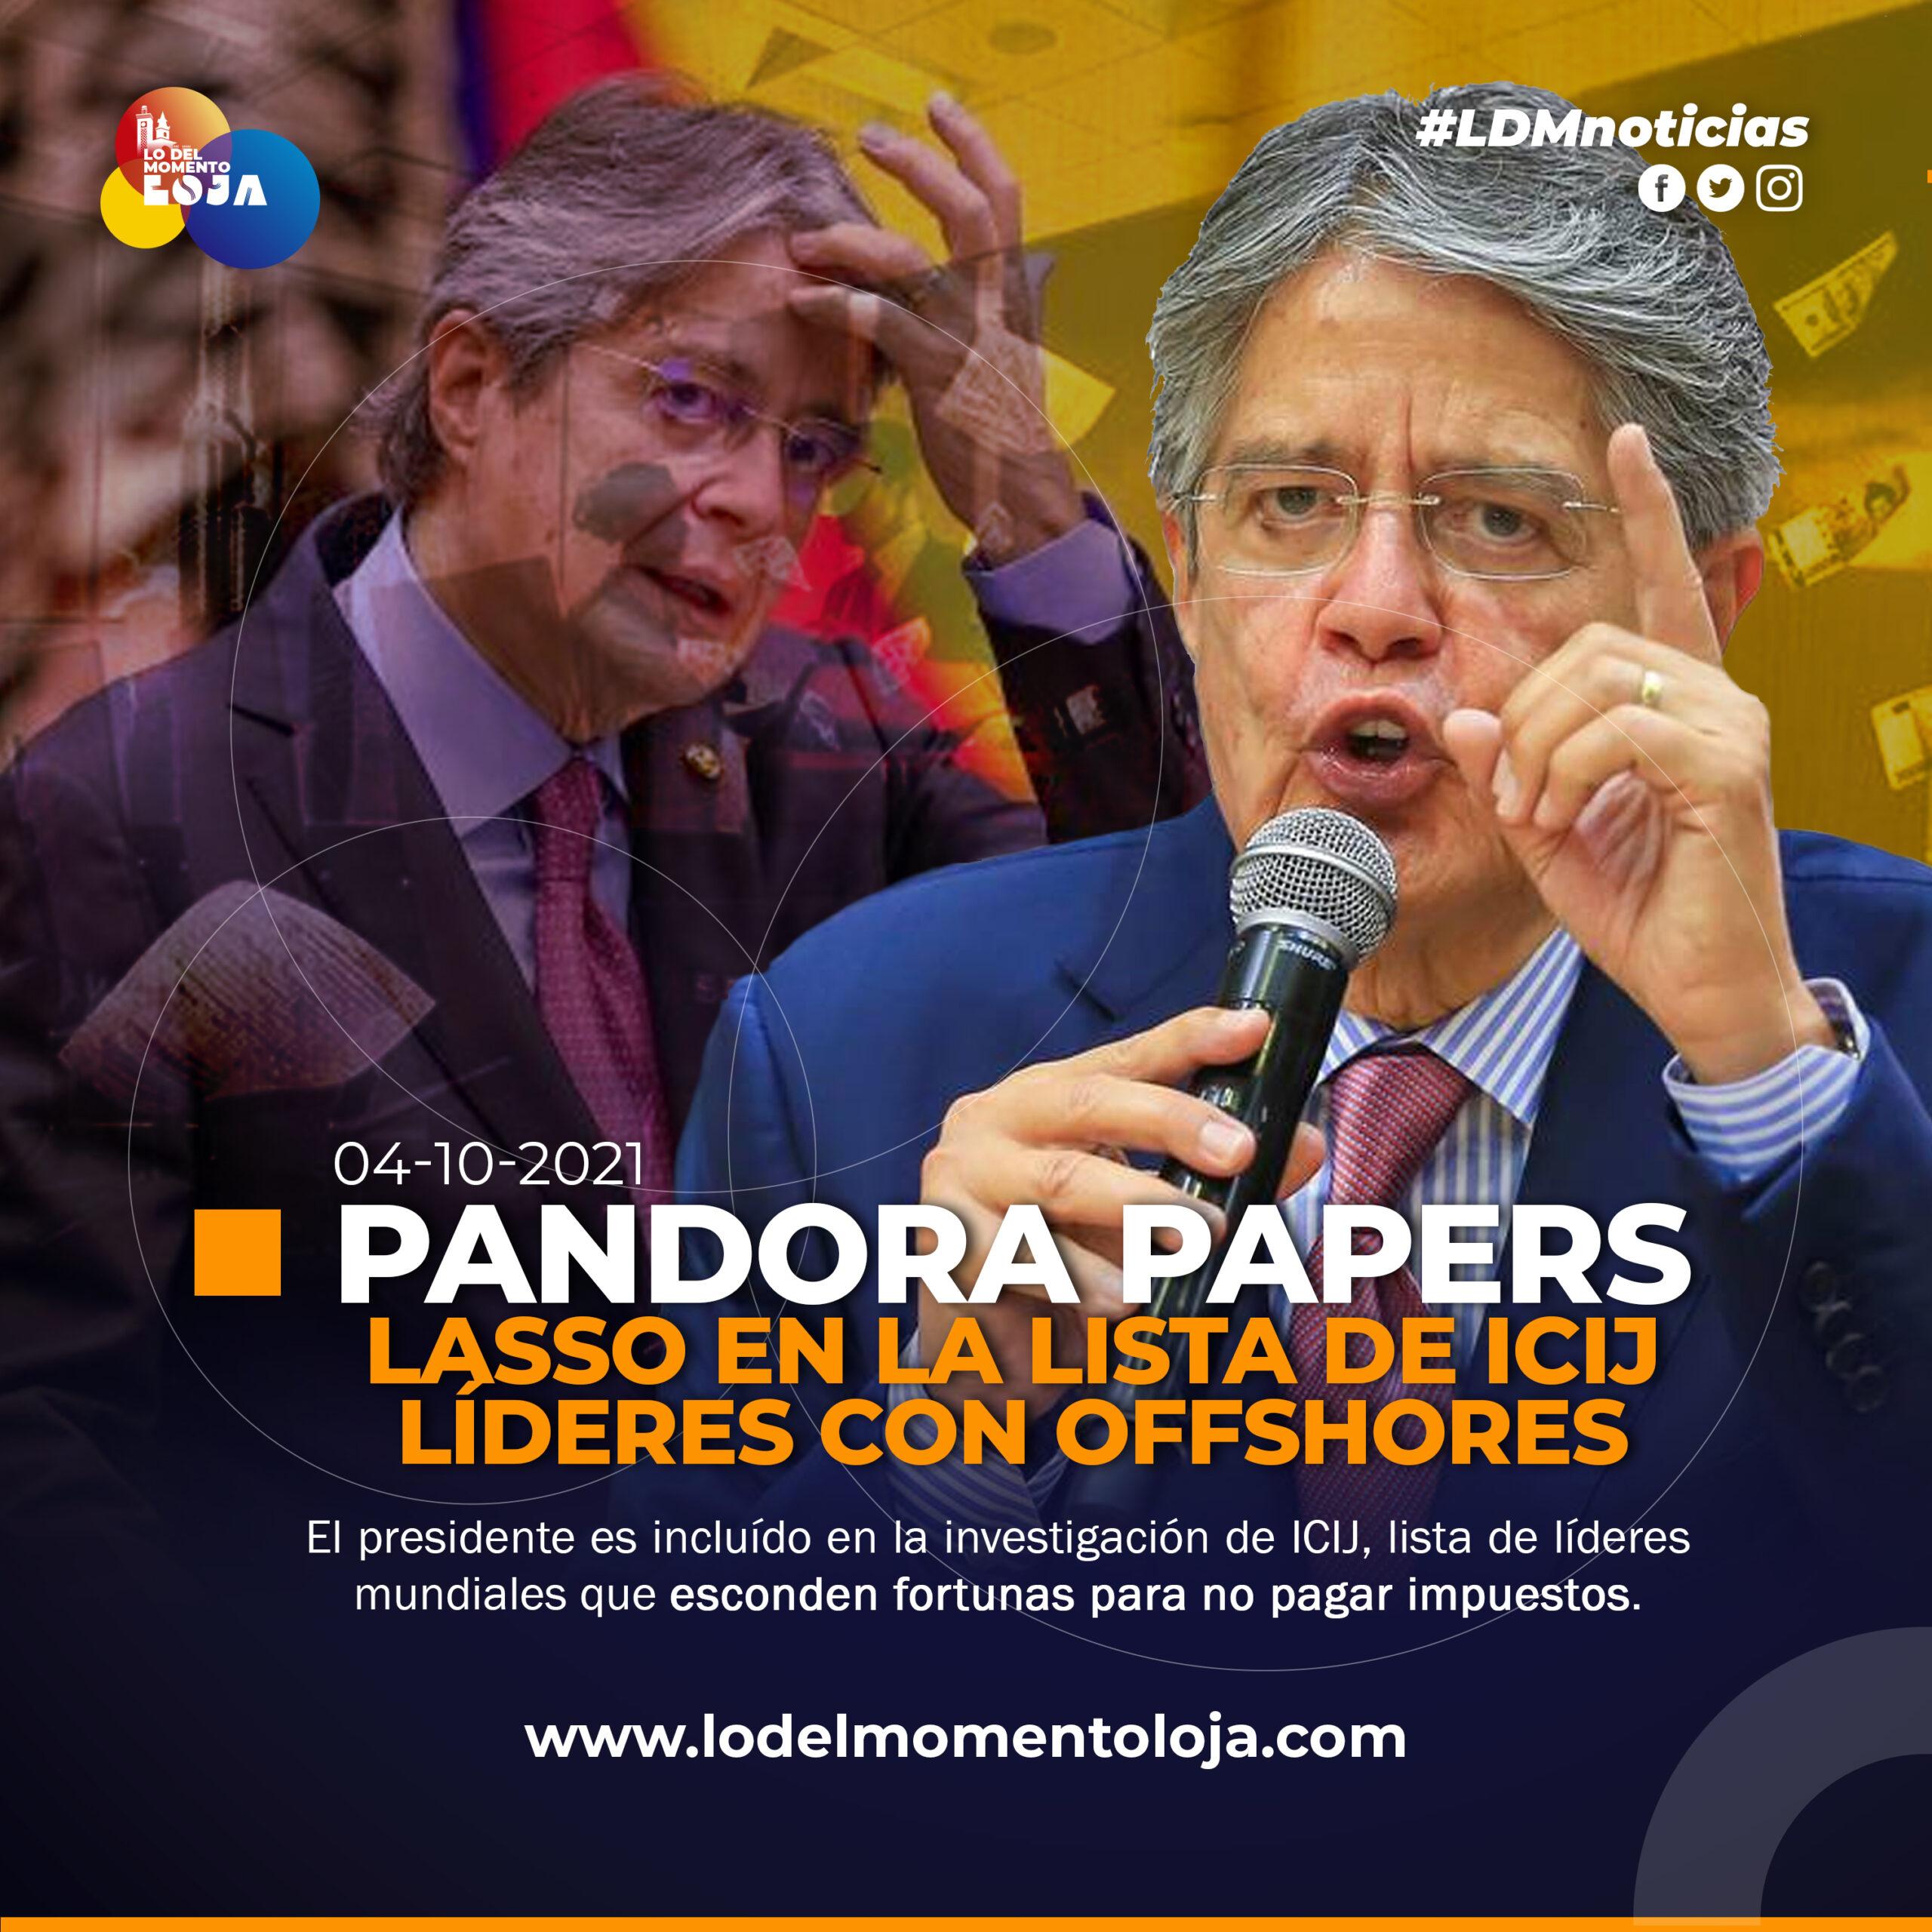 Guillermo Lasso en la lista de Pandora Papers